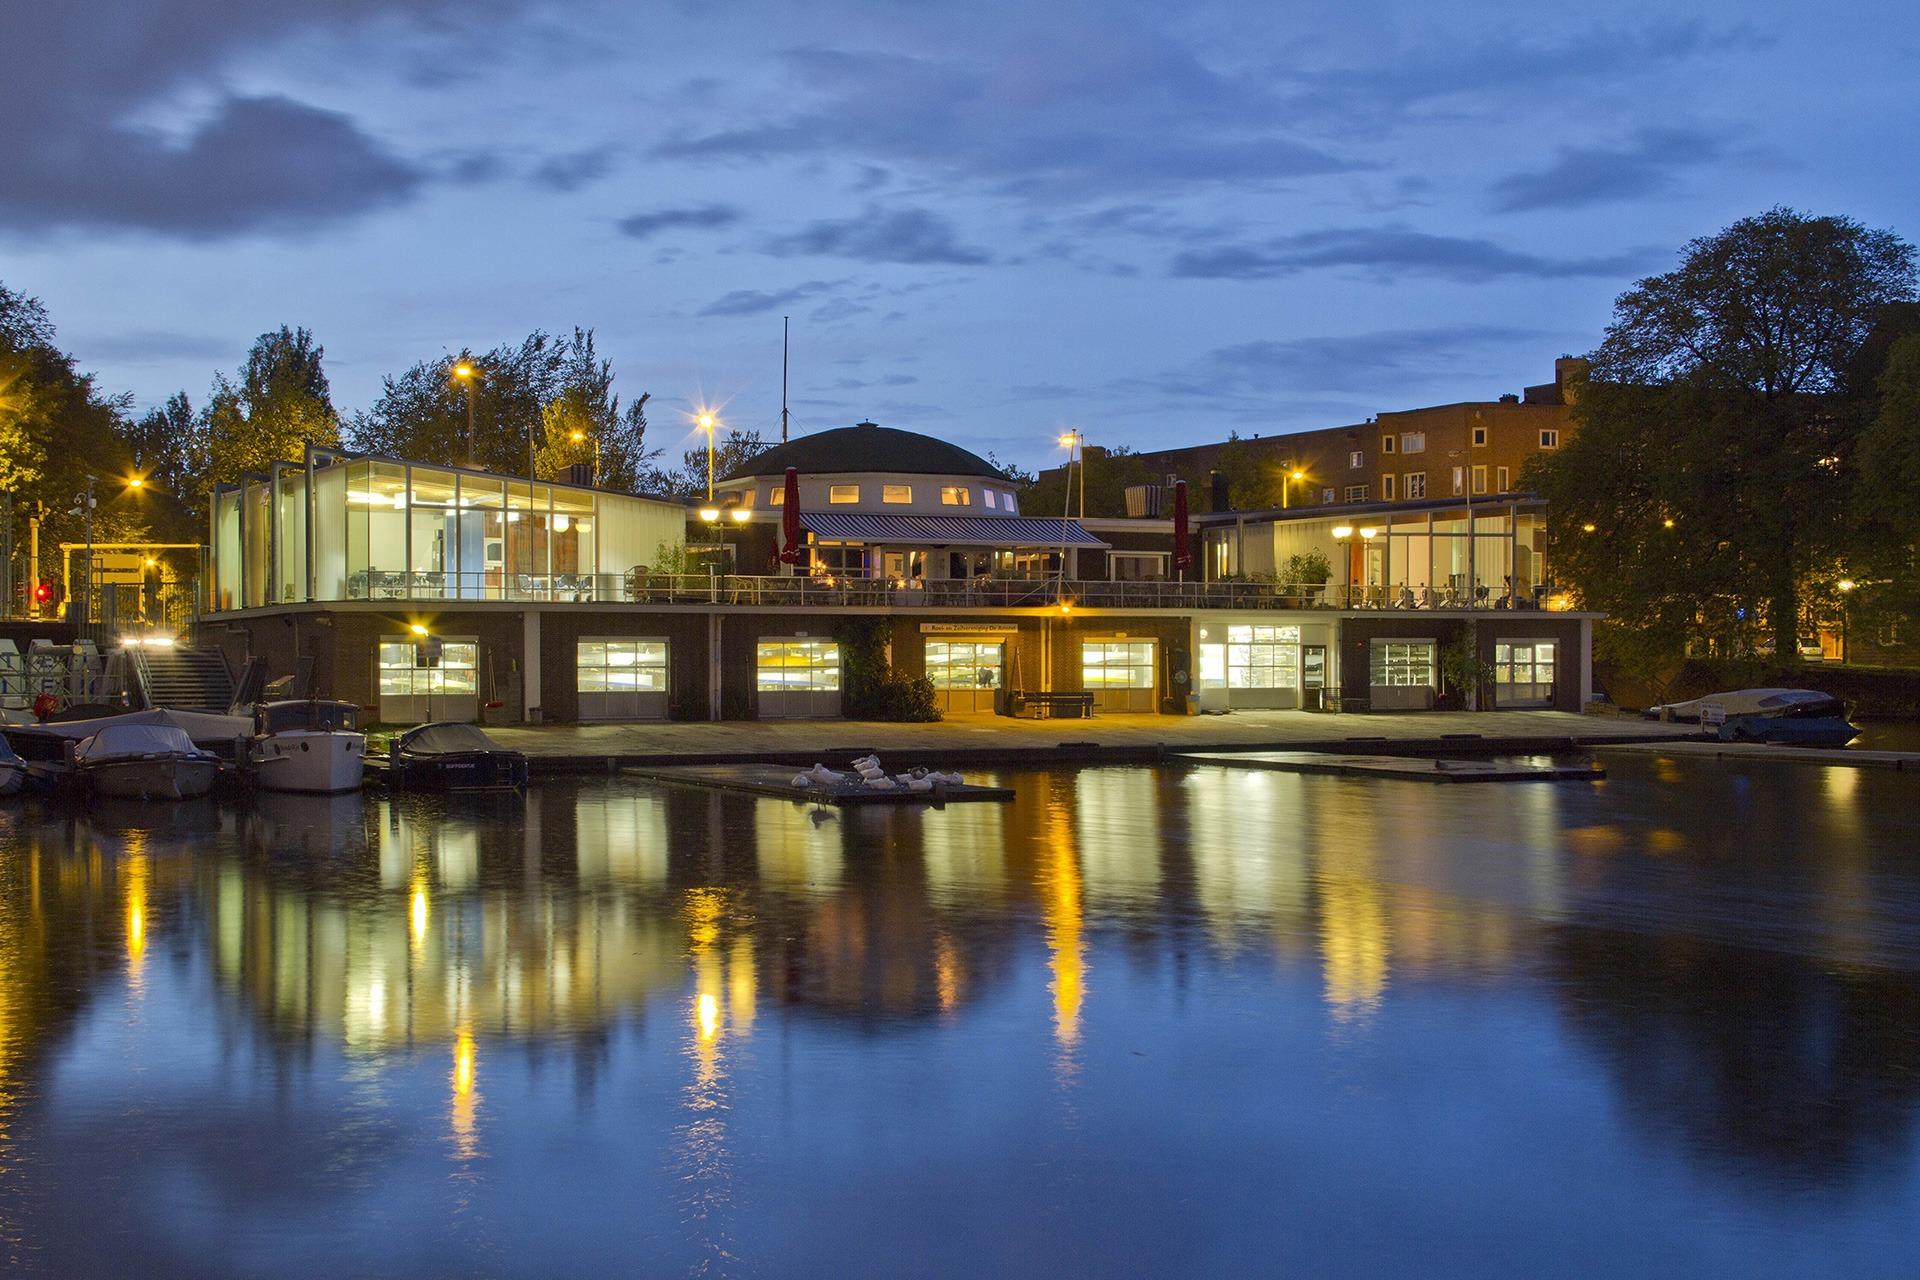 De Amstelzaal vanaf het water 's nachts